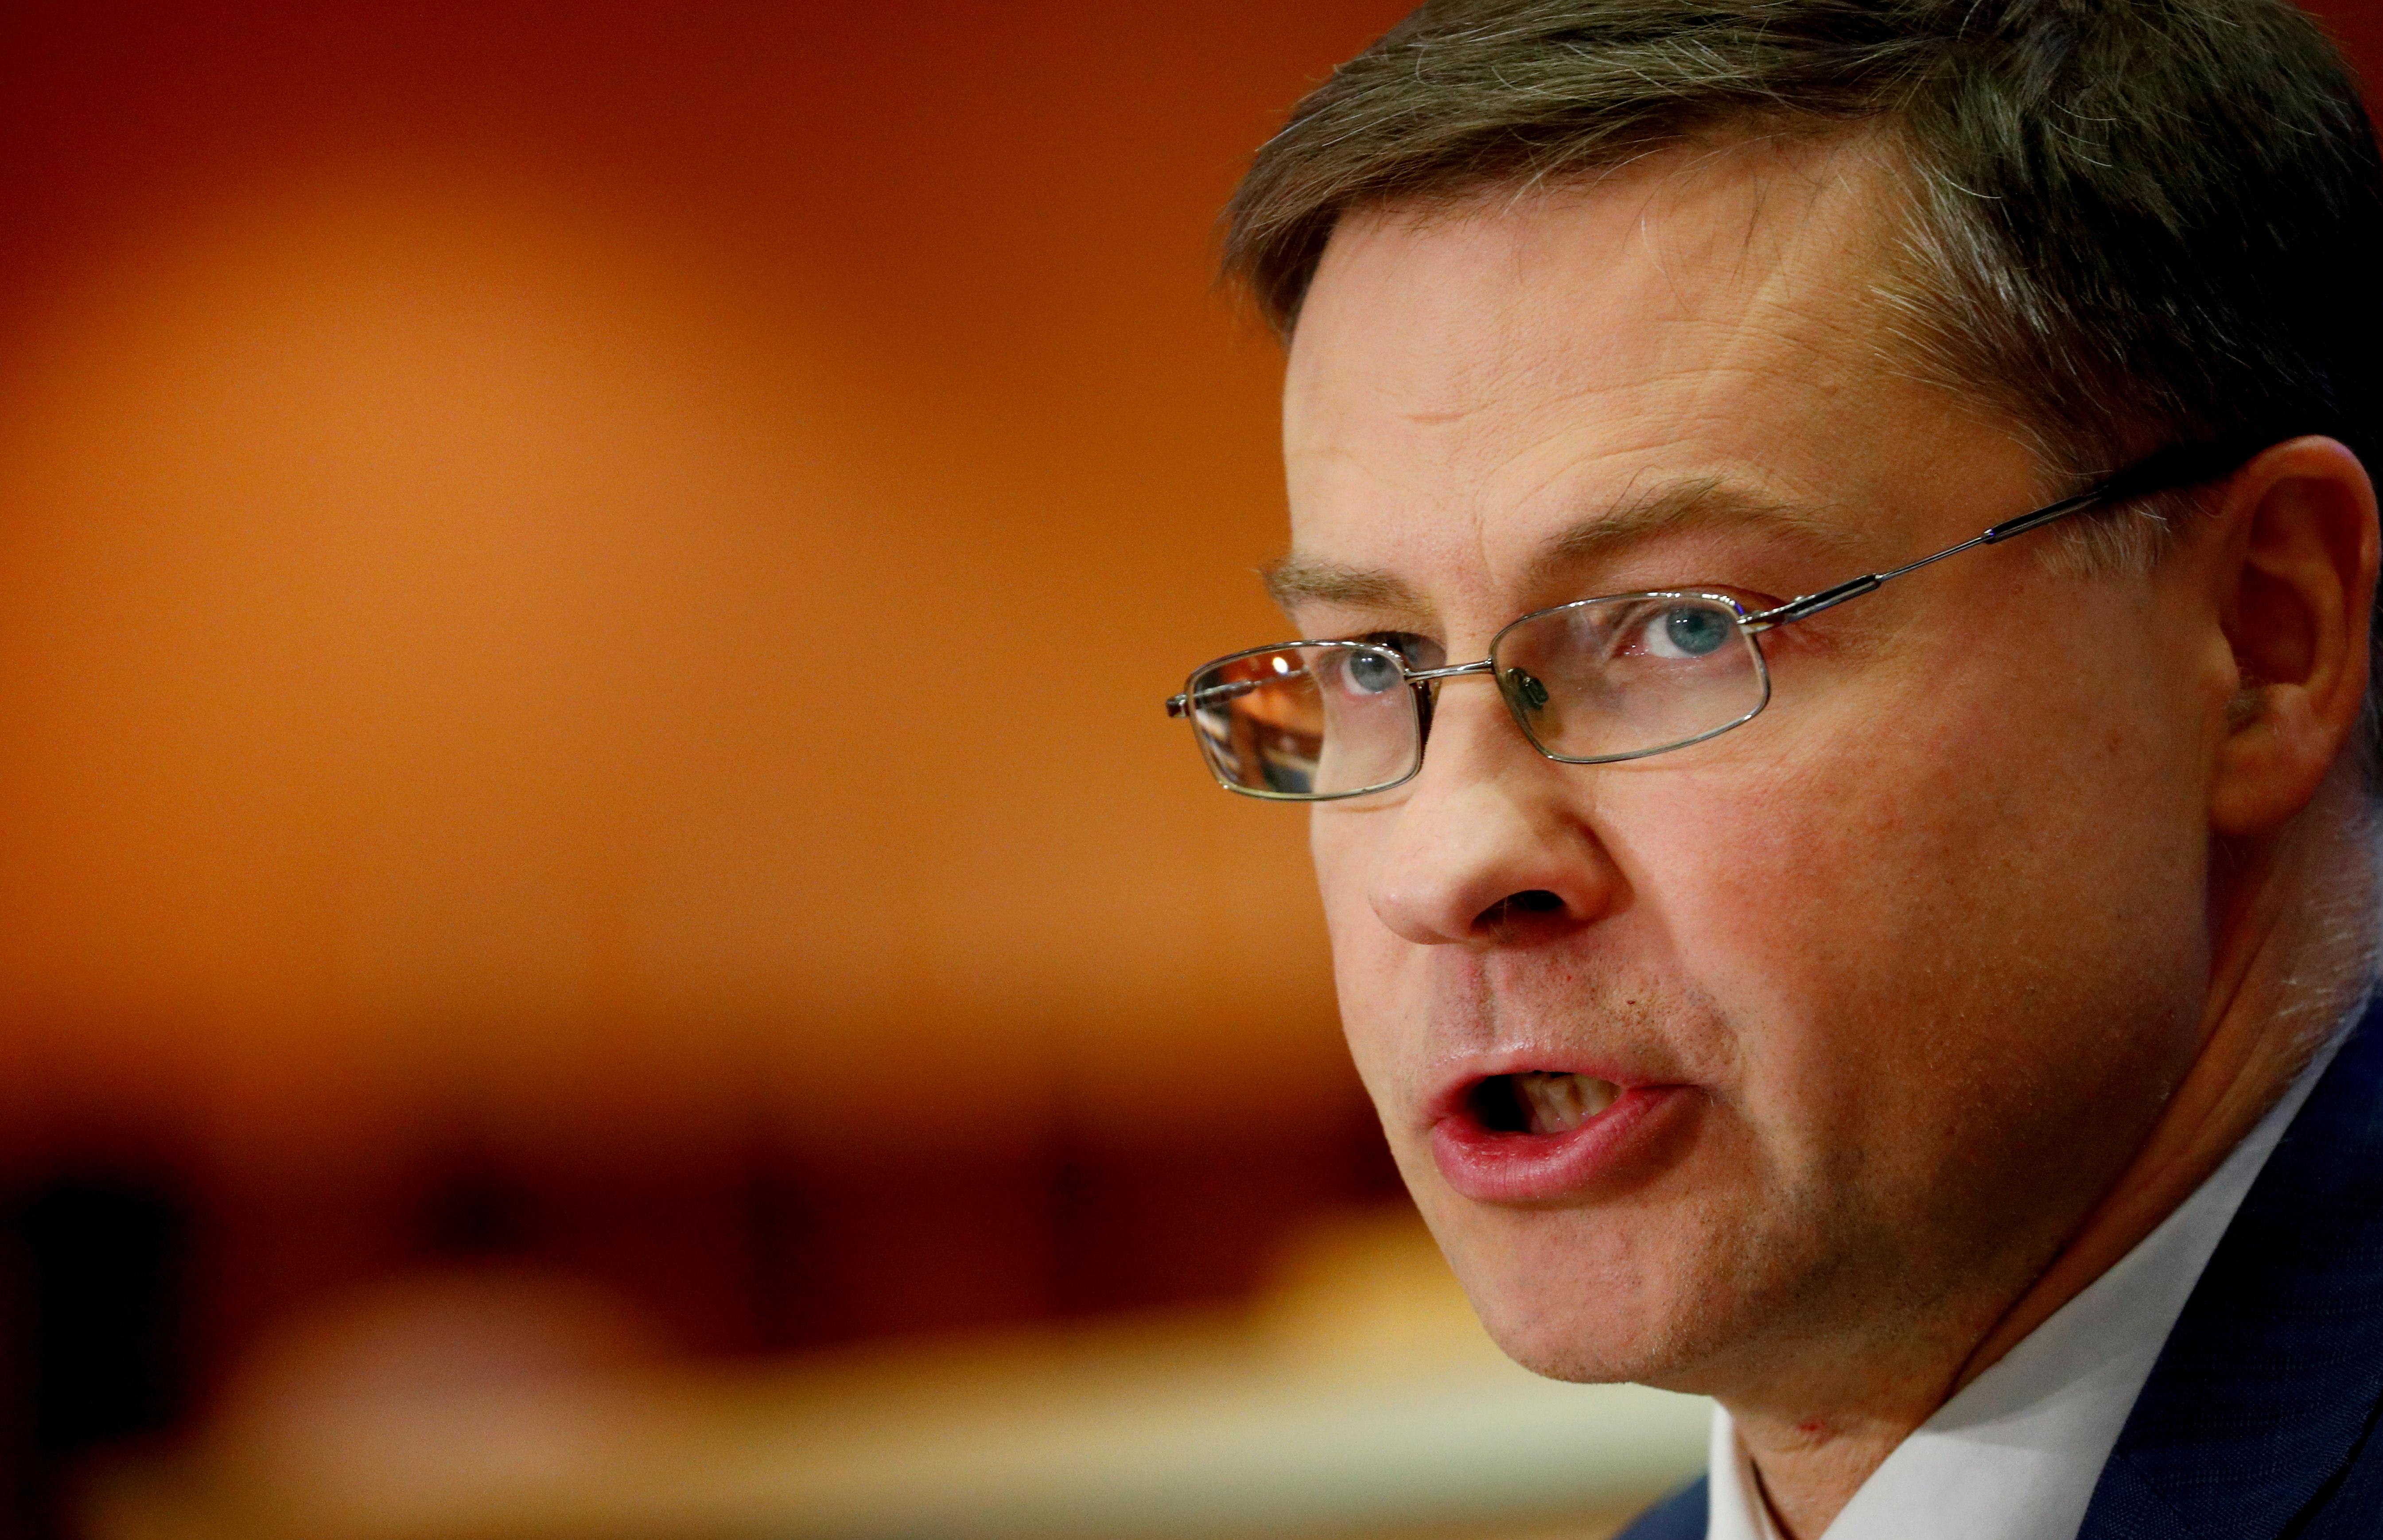 Άνοιξε… δρόμο για μείωση των στόχων του πρωτογενούς πλεονάσματος ο Ντομπρόβσκις